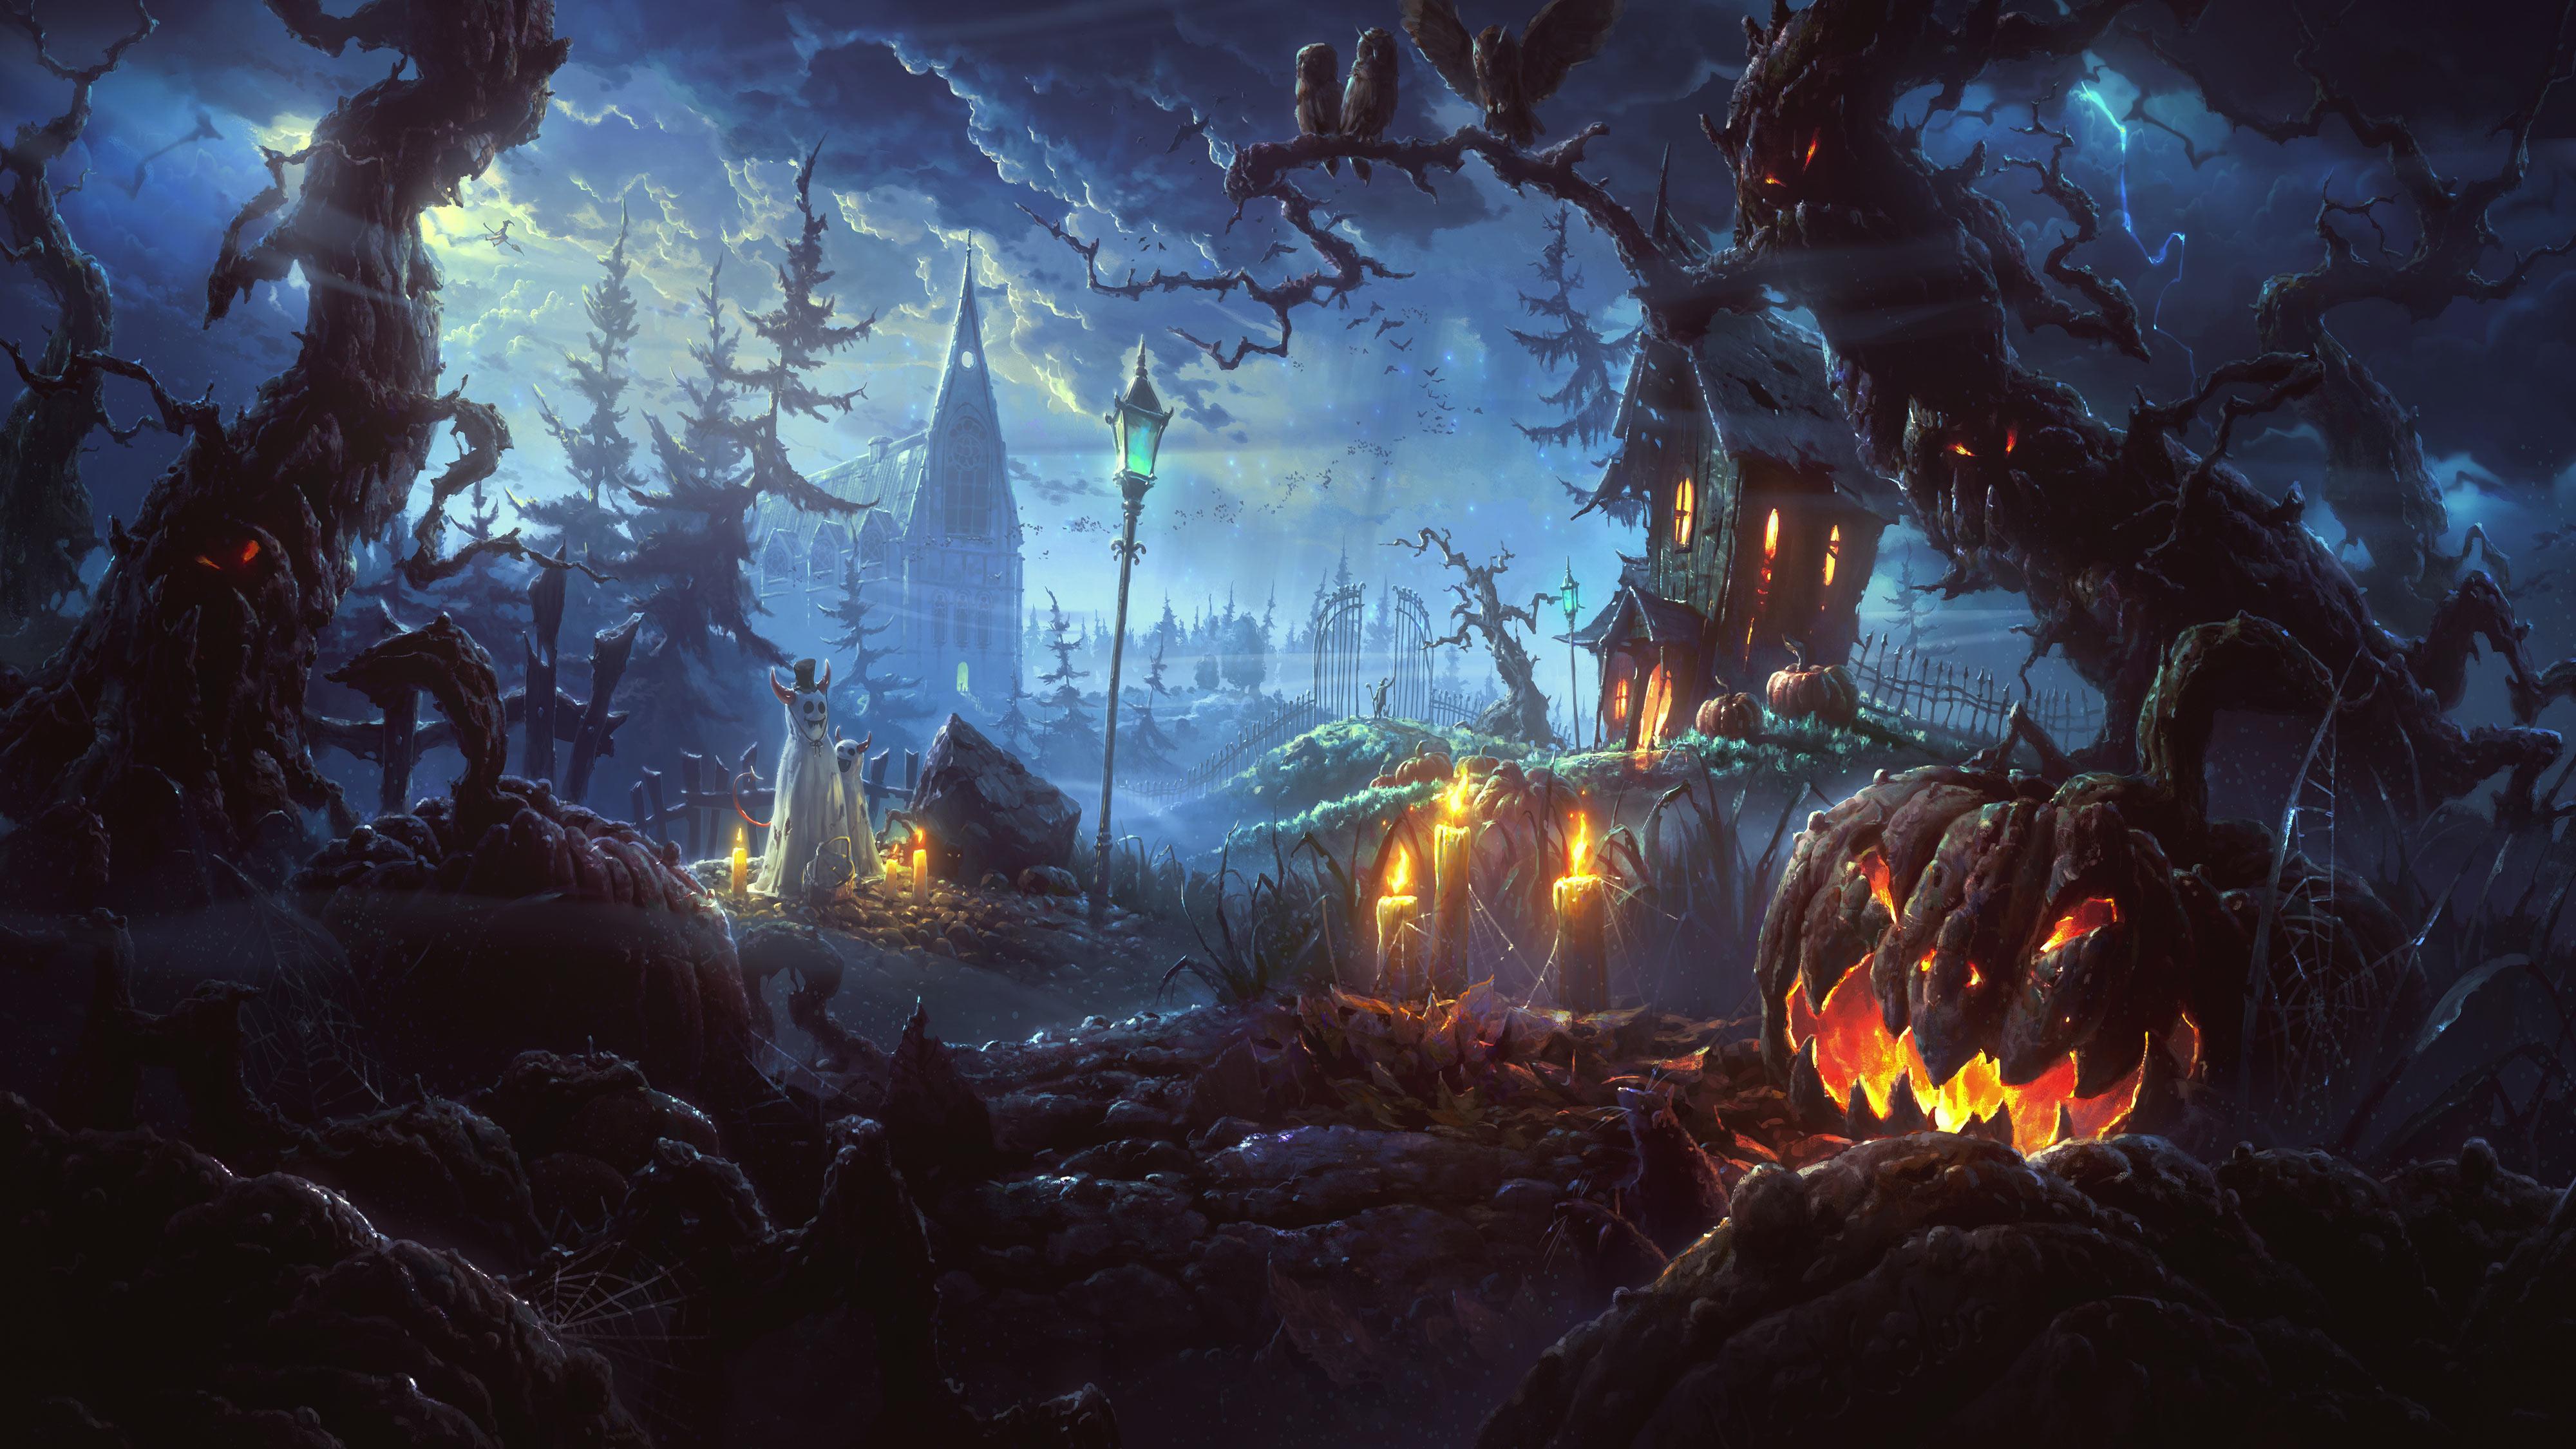 Halloween Wallpapers, Halloween Backgrounds, Halloween Images